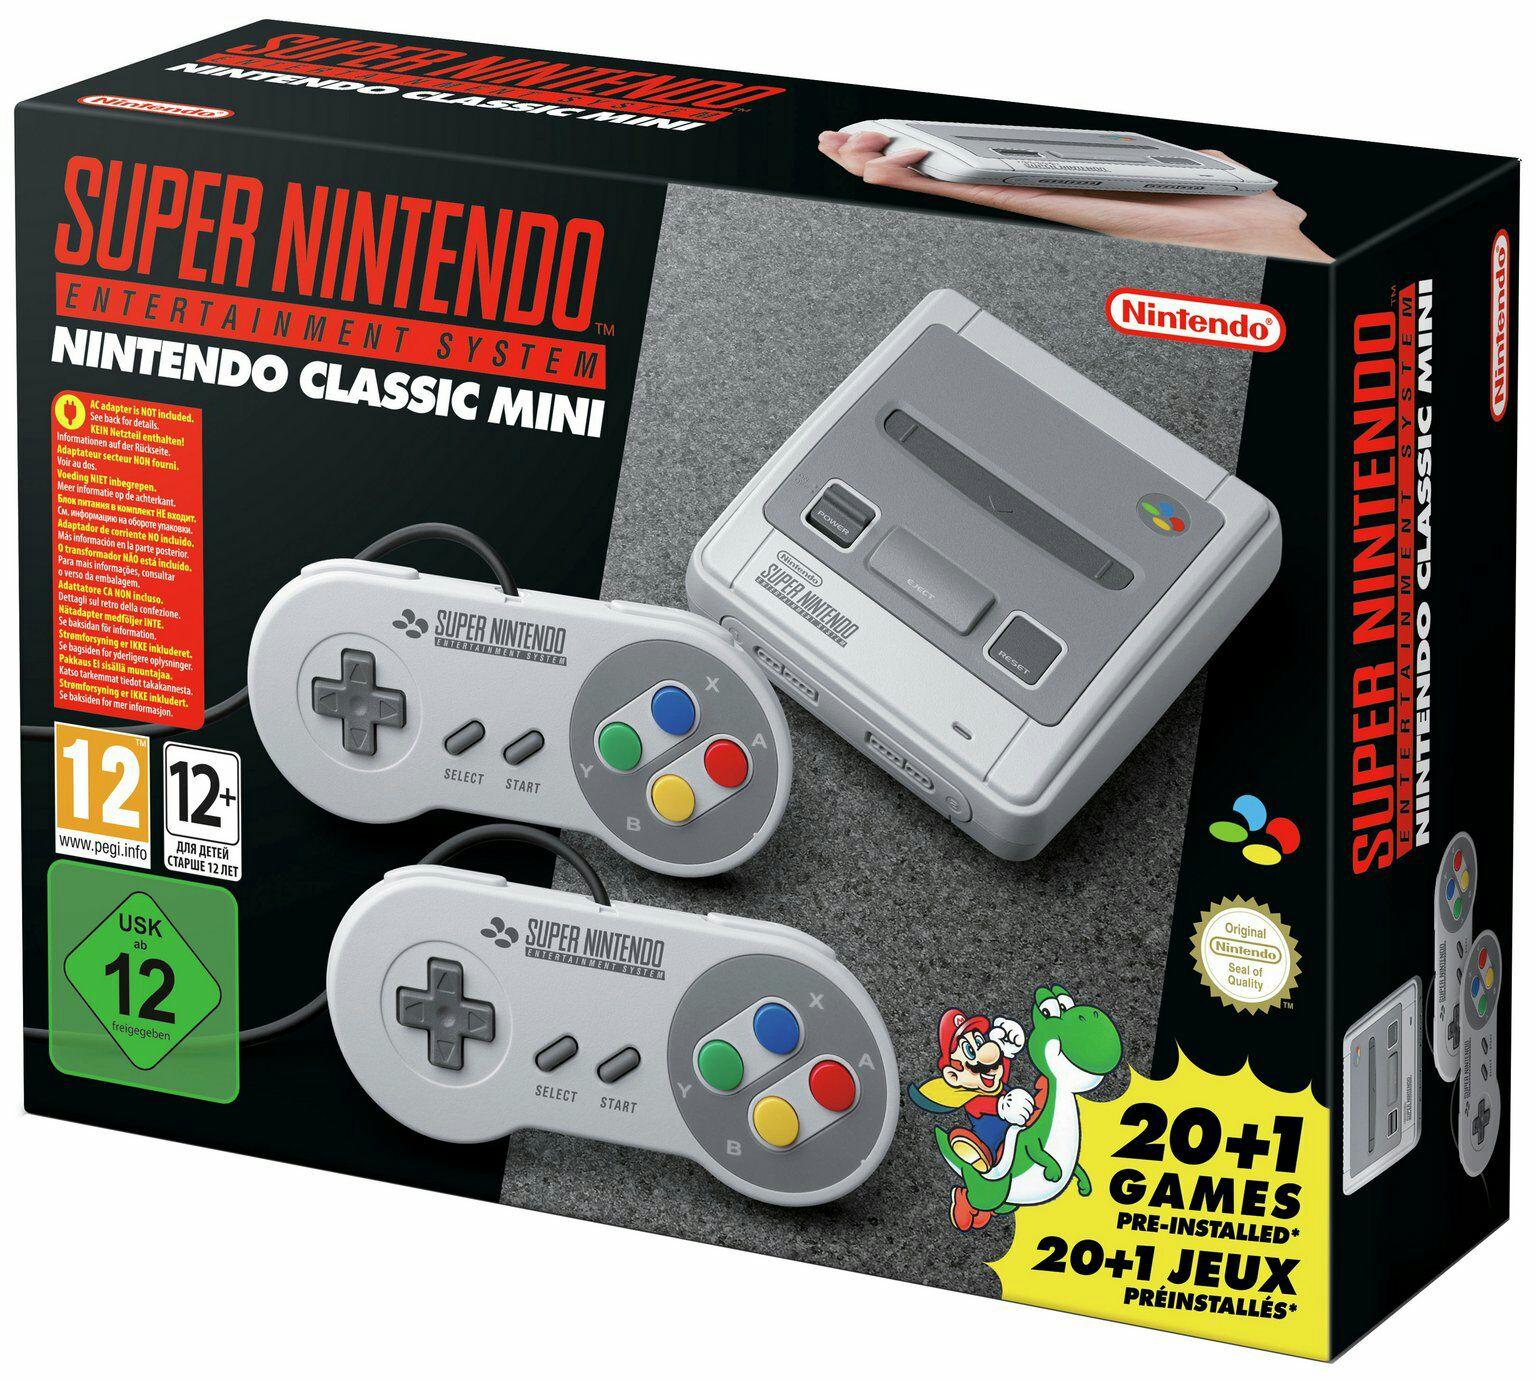 Update Super Nintendo Classic Mini (rakuten)